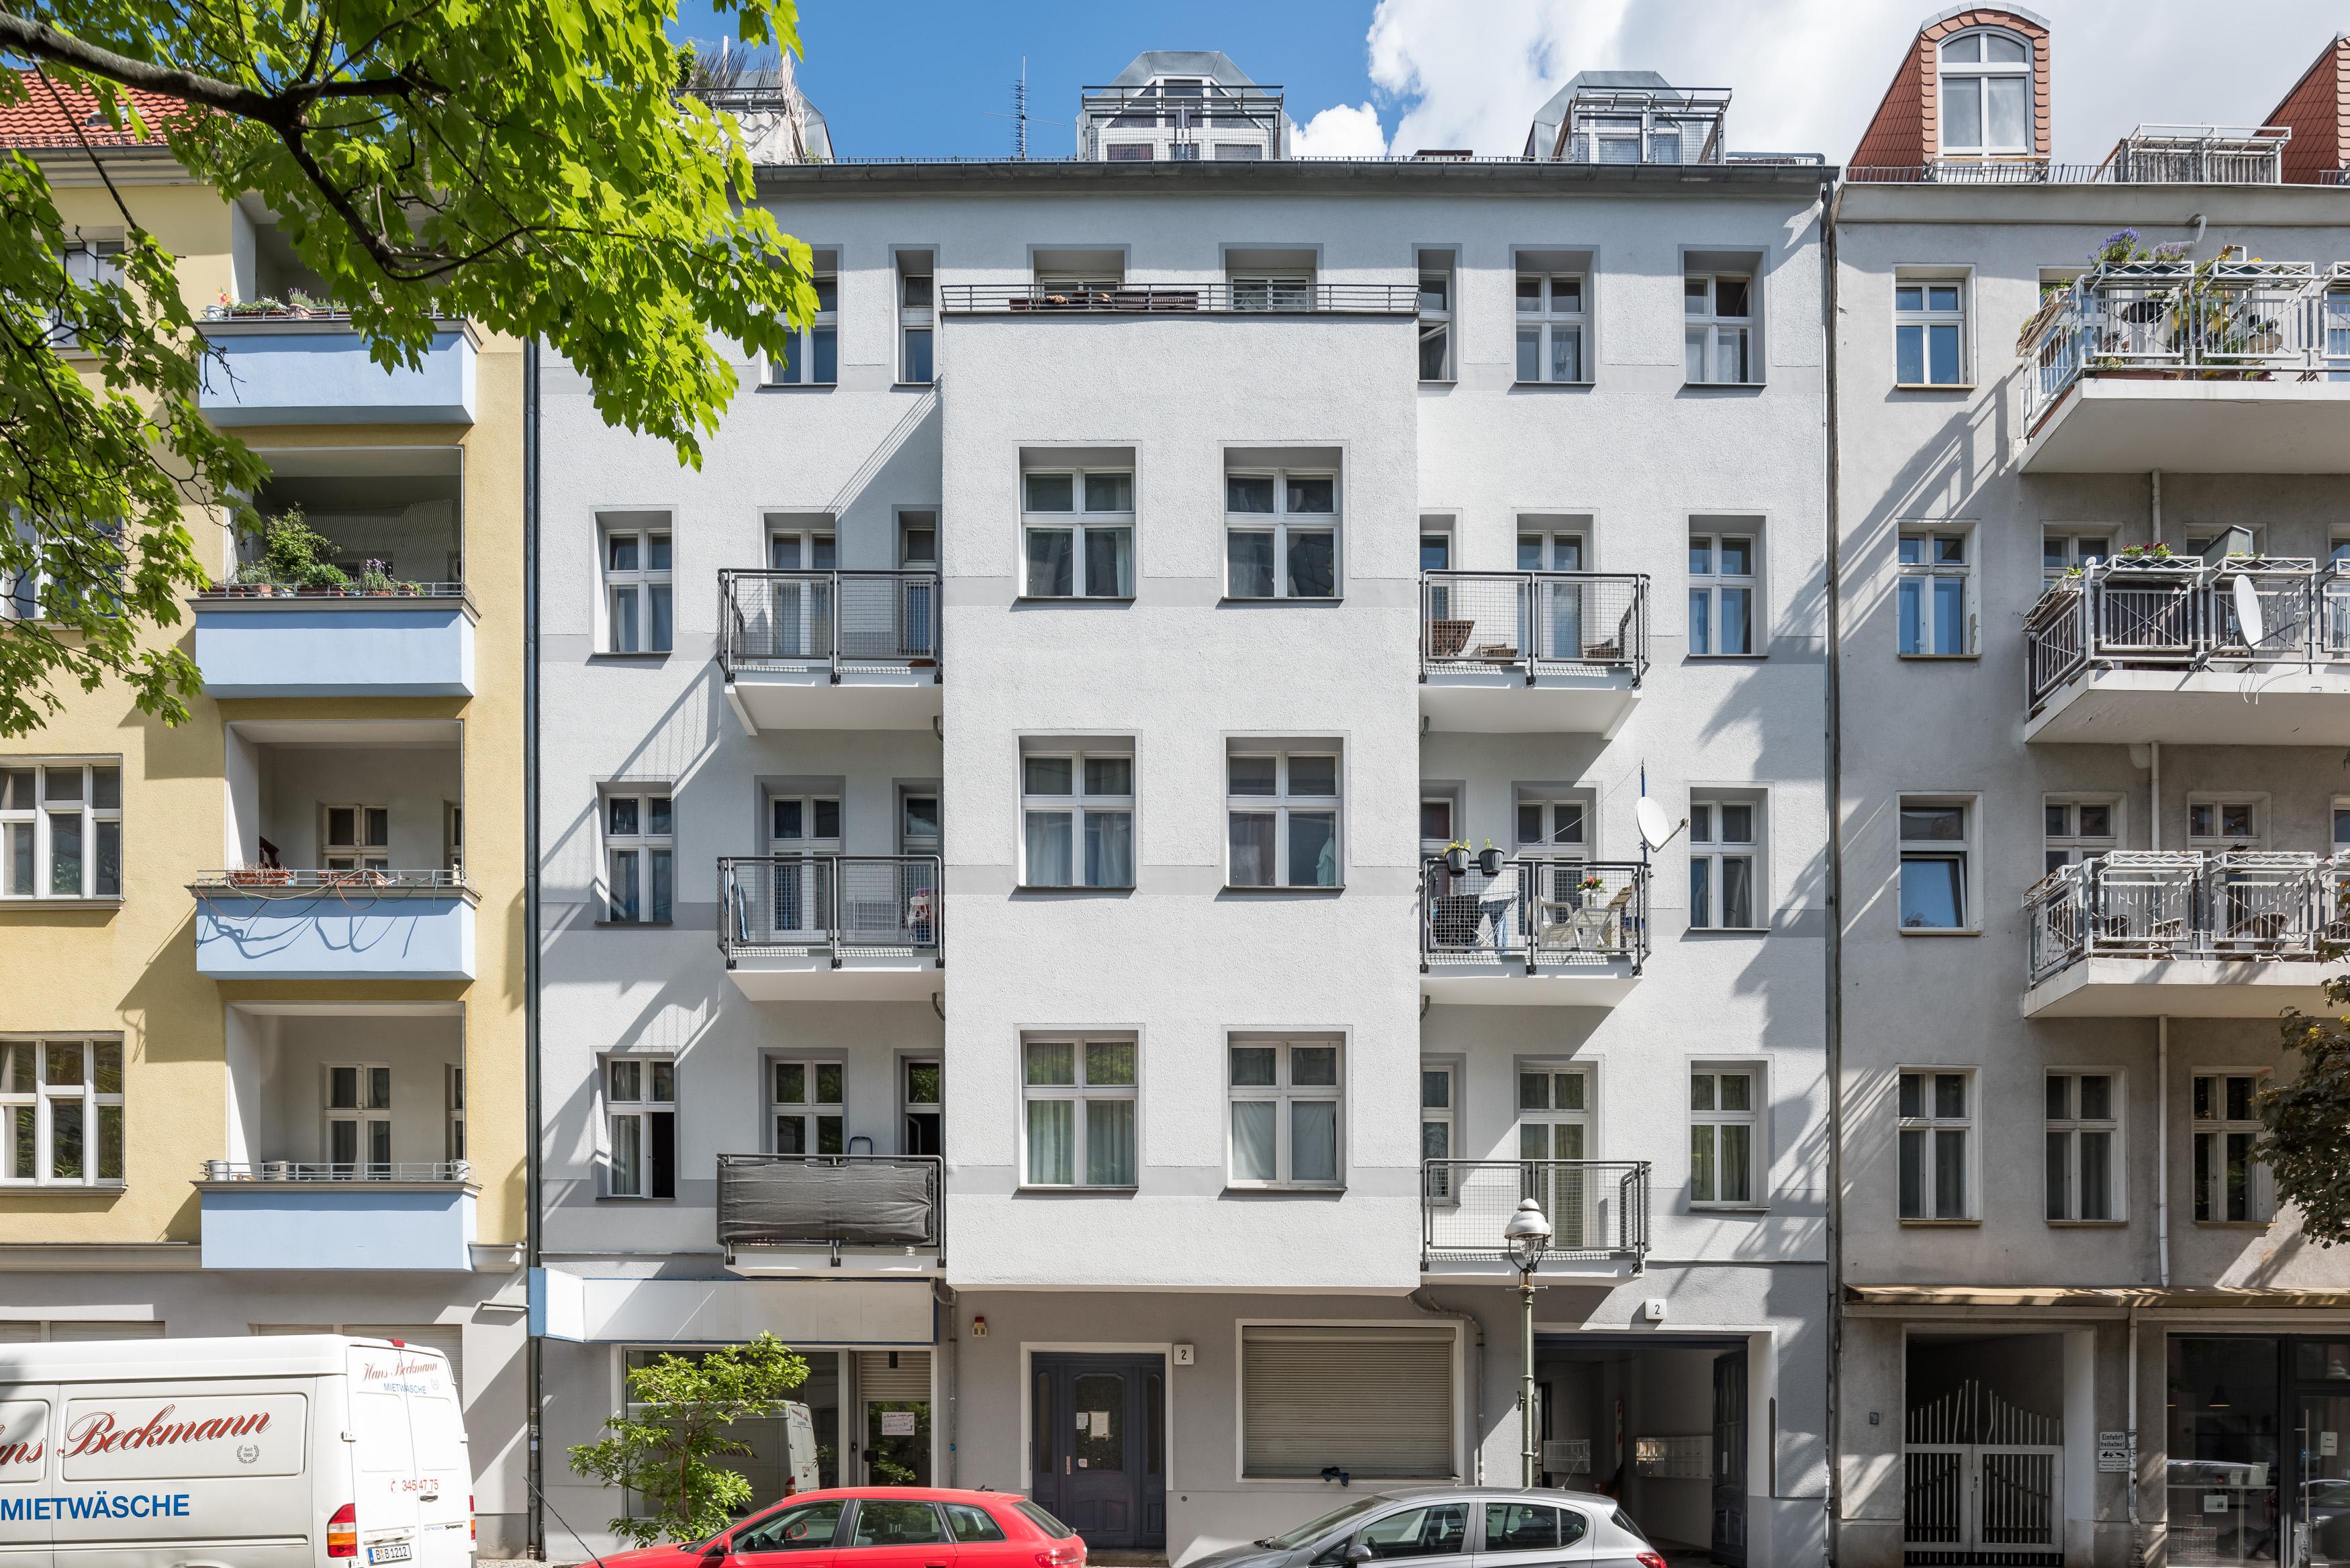 Vermietete und geschmackvolle Altbau-Wohnung als Kapitalanlage! Ihre ideale Altersabsicherung